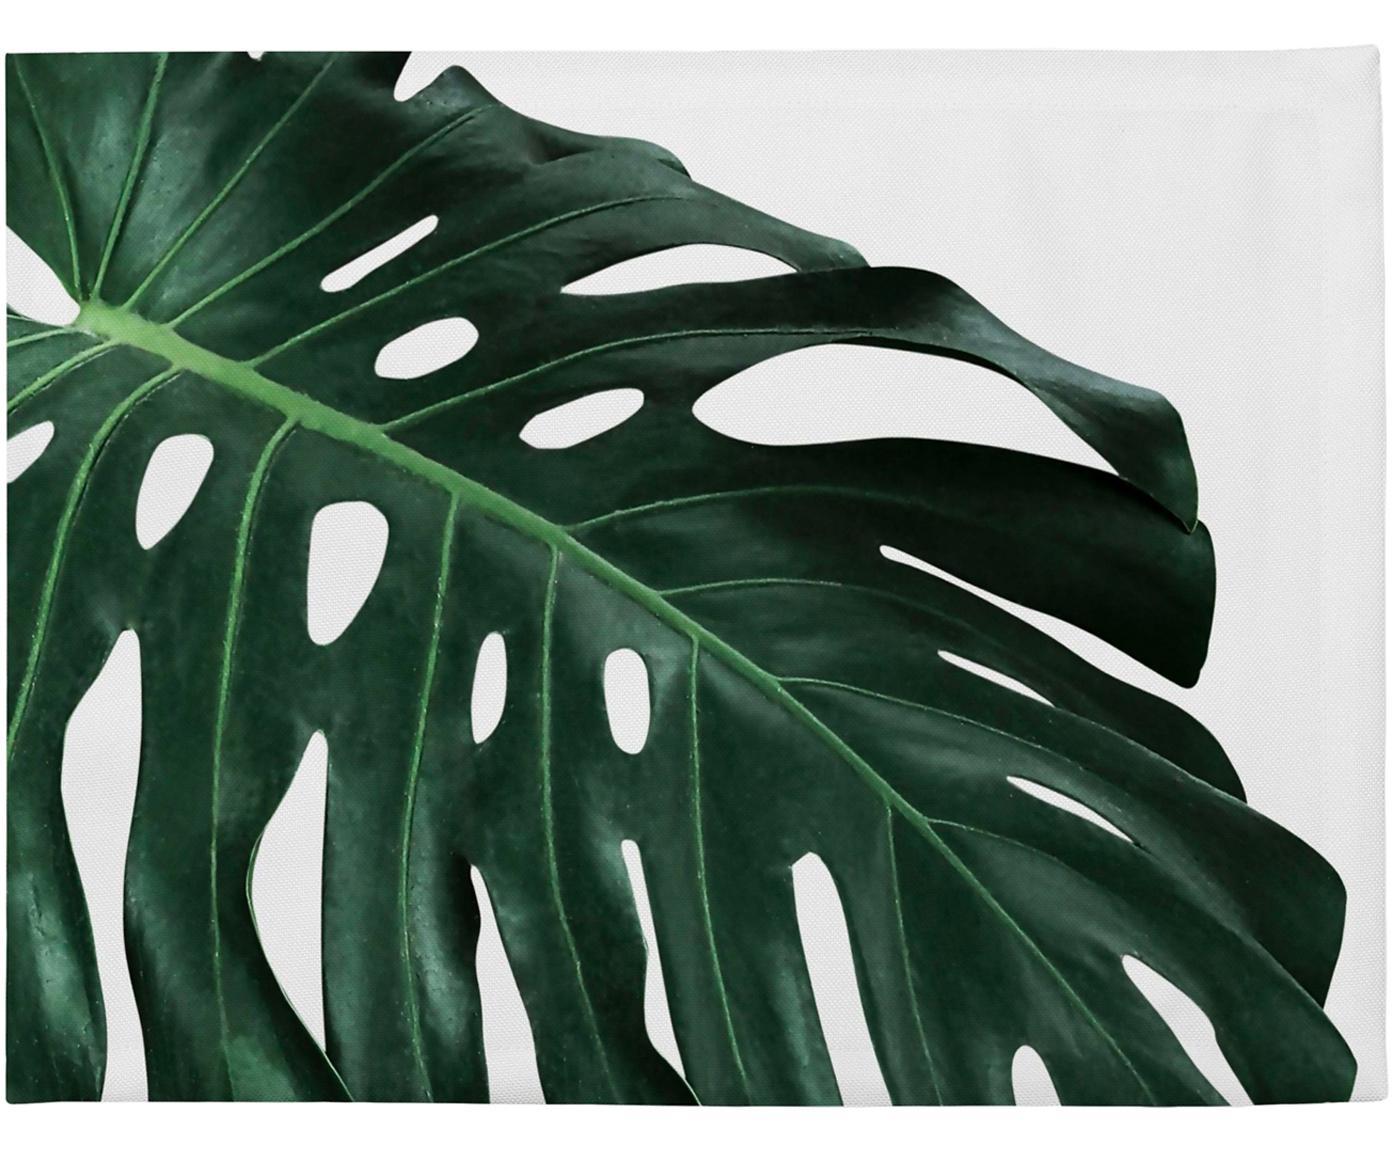 Tischsets Monstera, 4 Stück, Polyester, Grün, Weiß, 35 x 45 cm